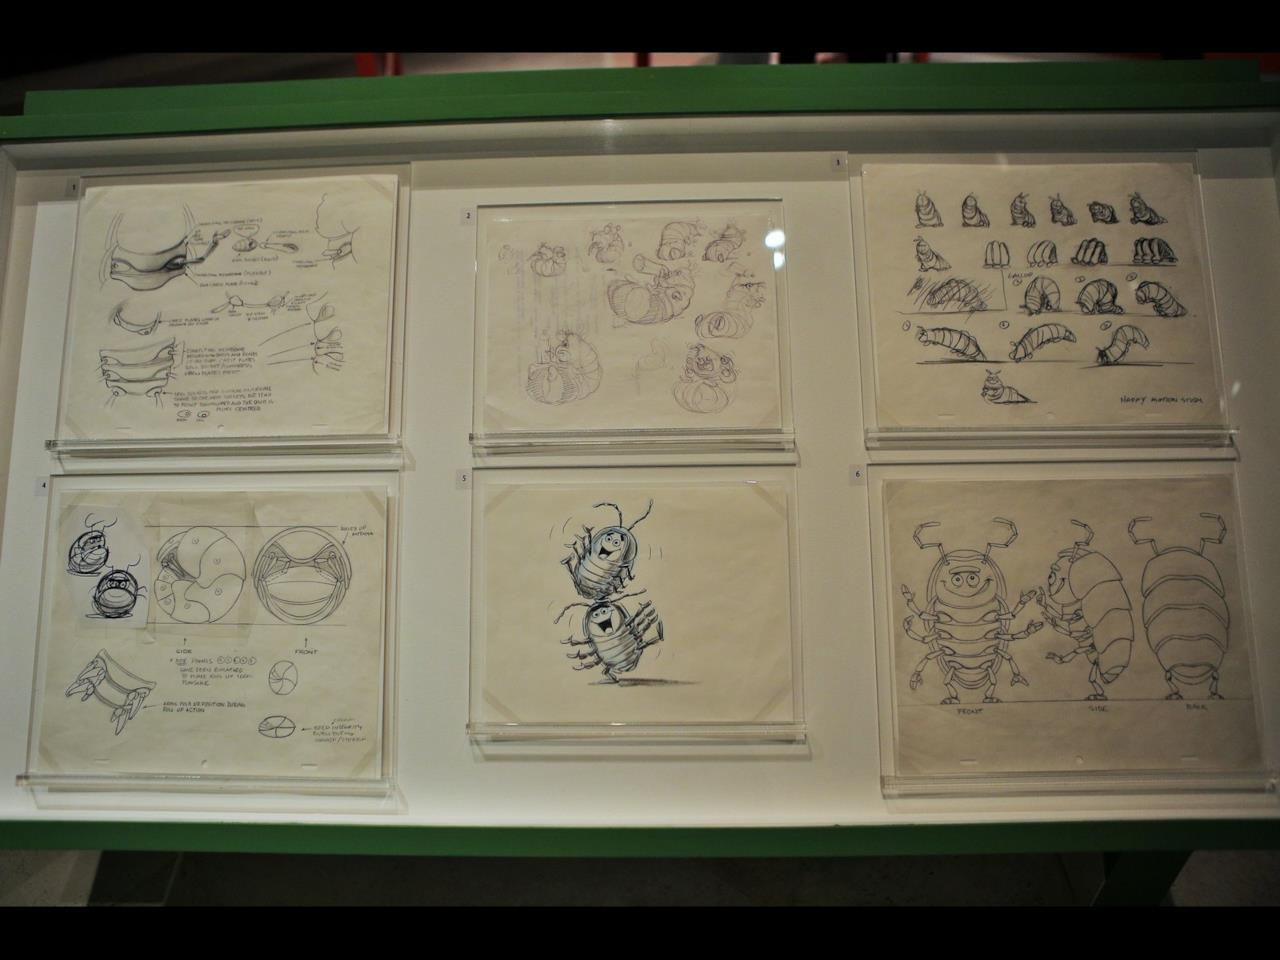 Alcuni bozzetti per a Bug's Life, uno dei primi film Pixar